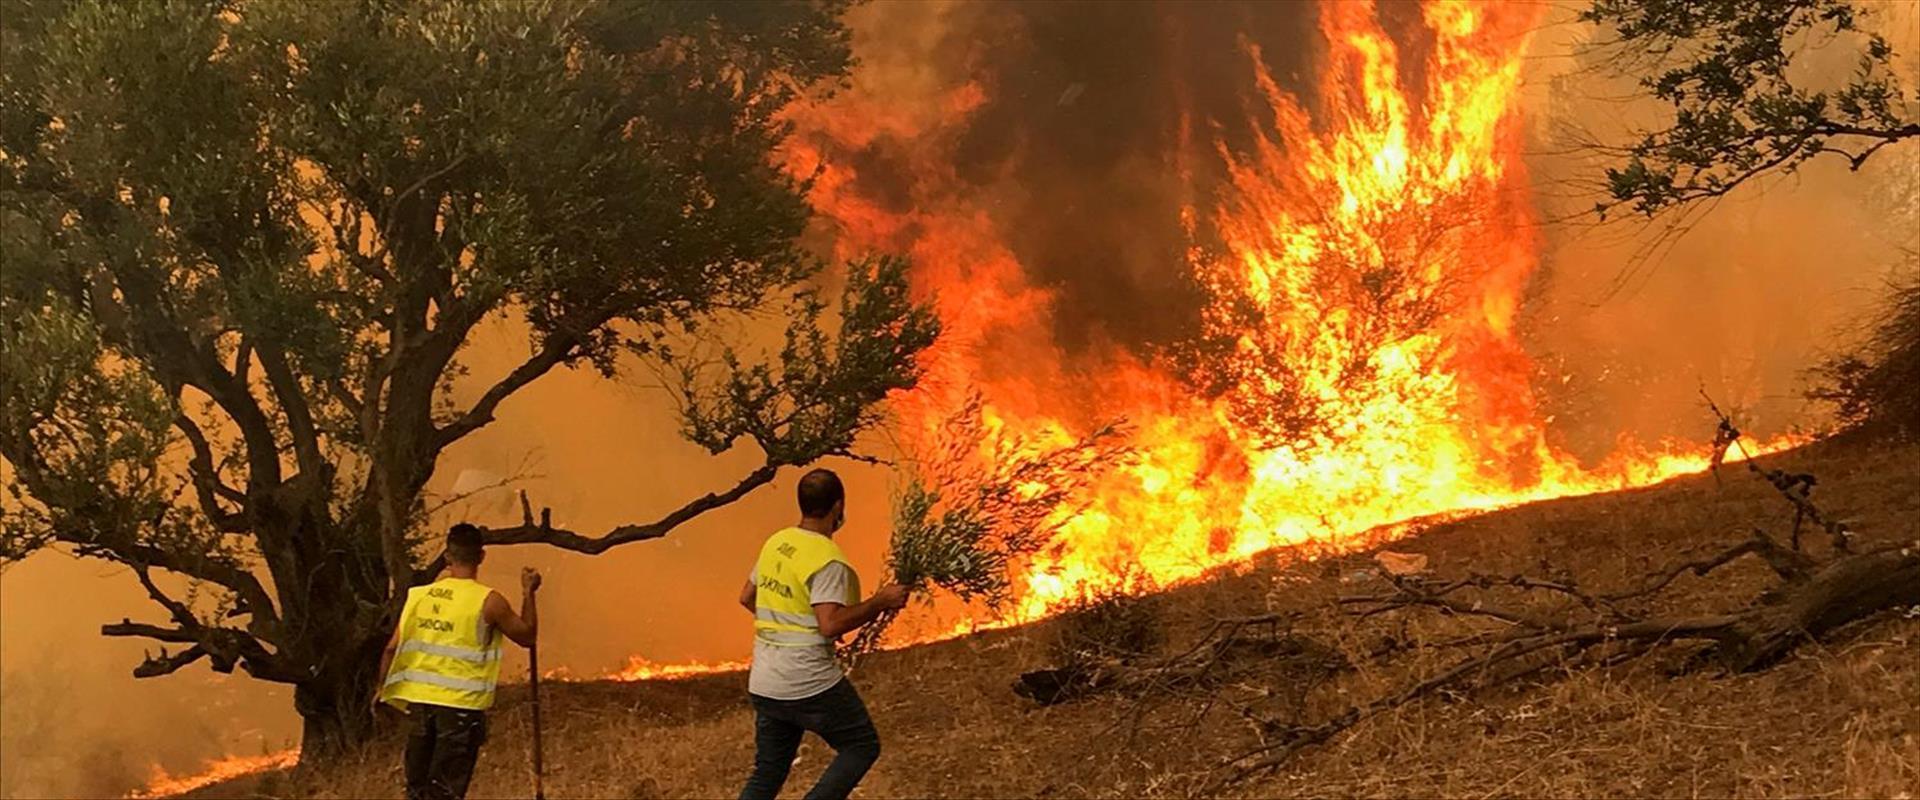 נלחמים באש באלג'ירה